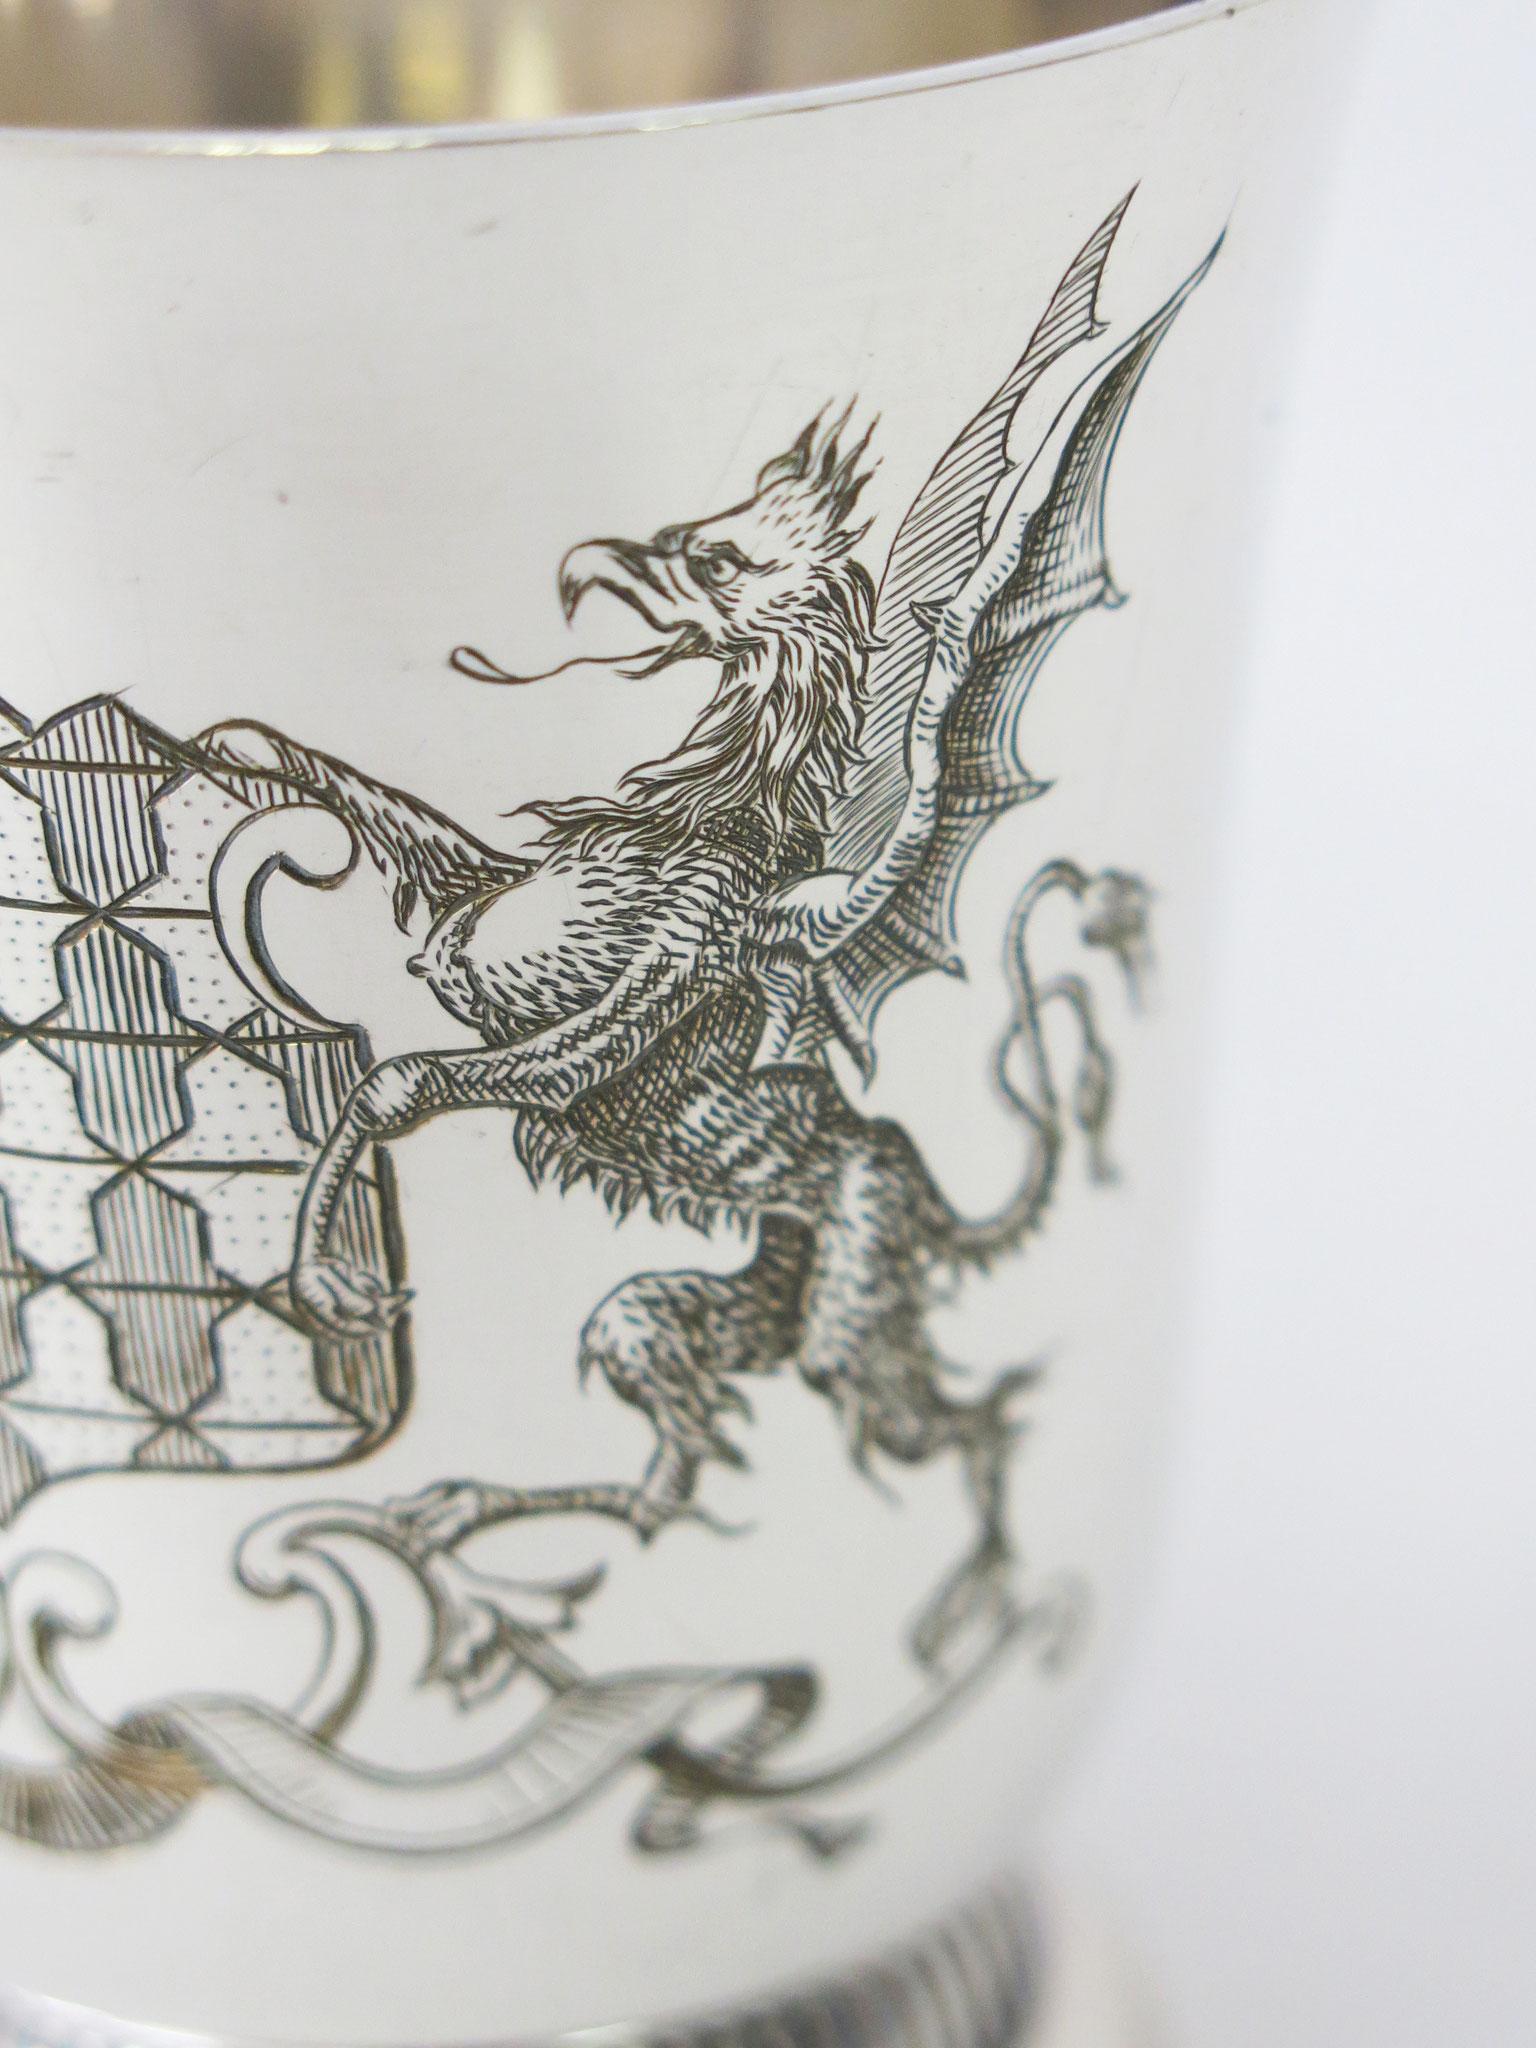 Détail de la gravure : le griffon